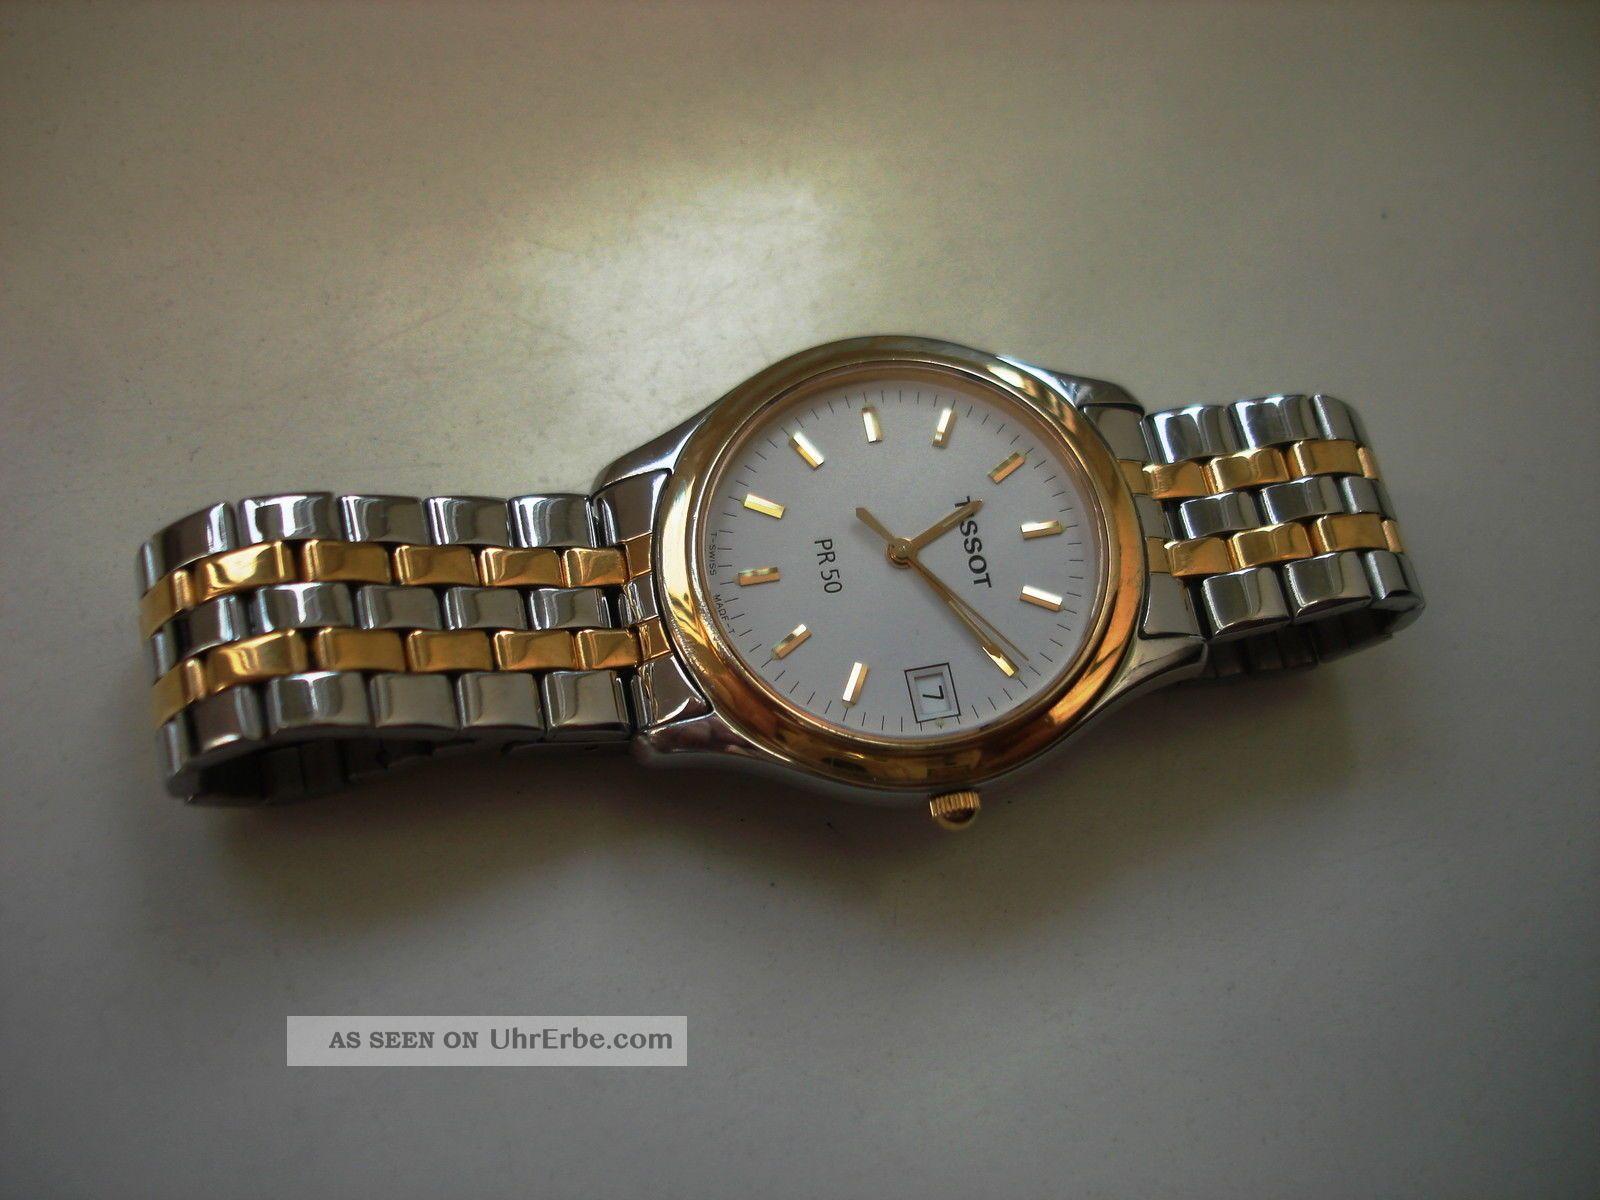 Herren Damen Aufgearbeitet Tissot 50 Basic Pr Uhr Armband Neues ZPkuTXOi